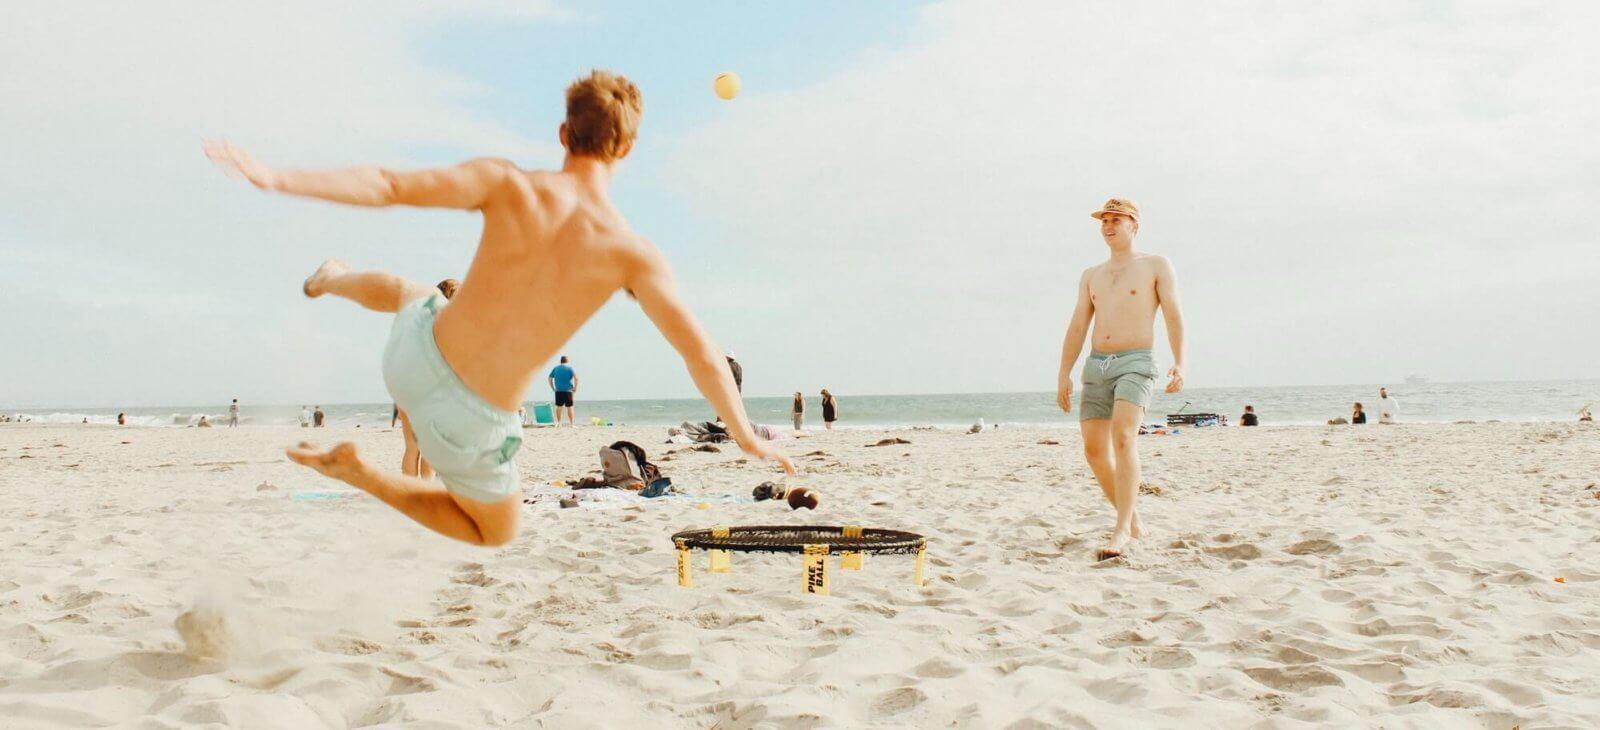 Spikeball spielen am Strand